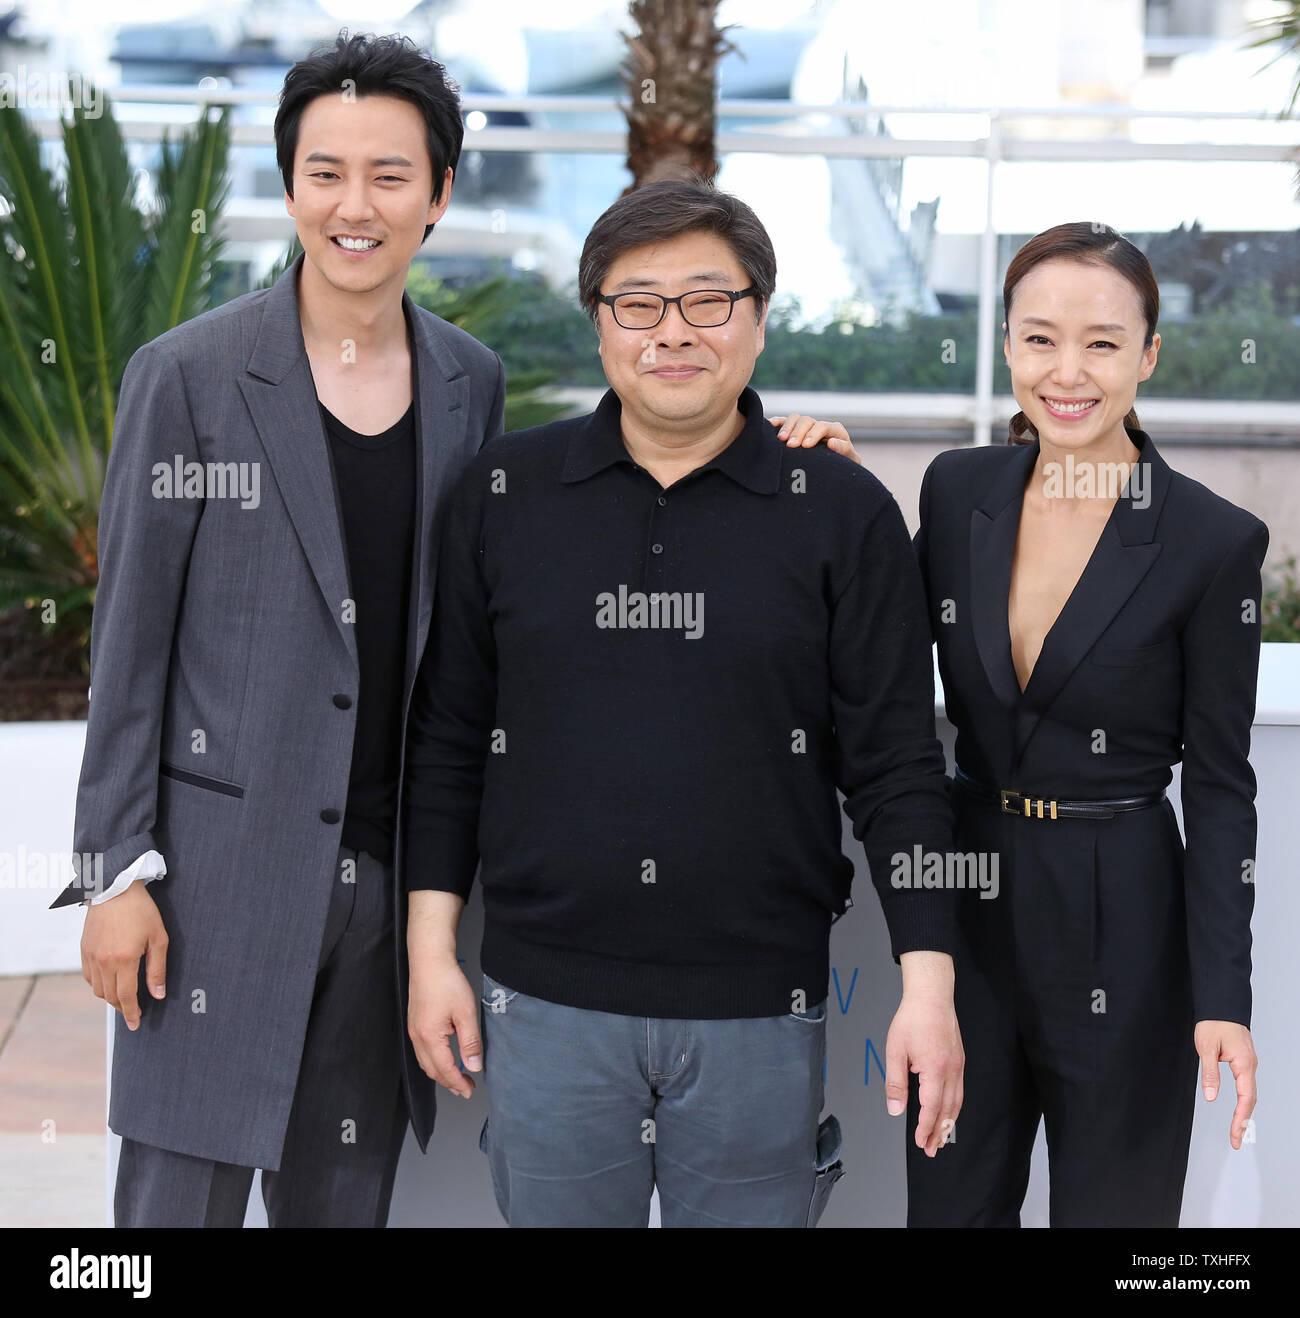 sulli Choi e Choi Minho incontri Top sito di incontri online Malaysia